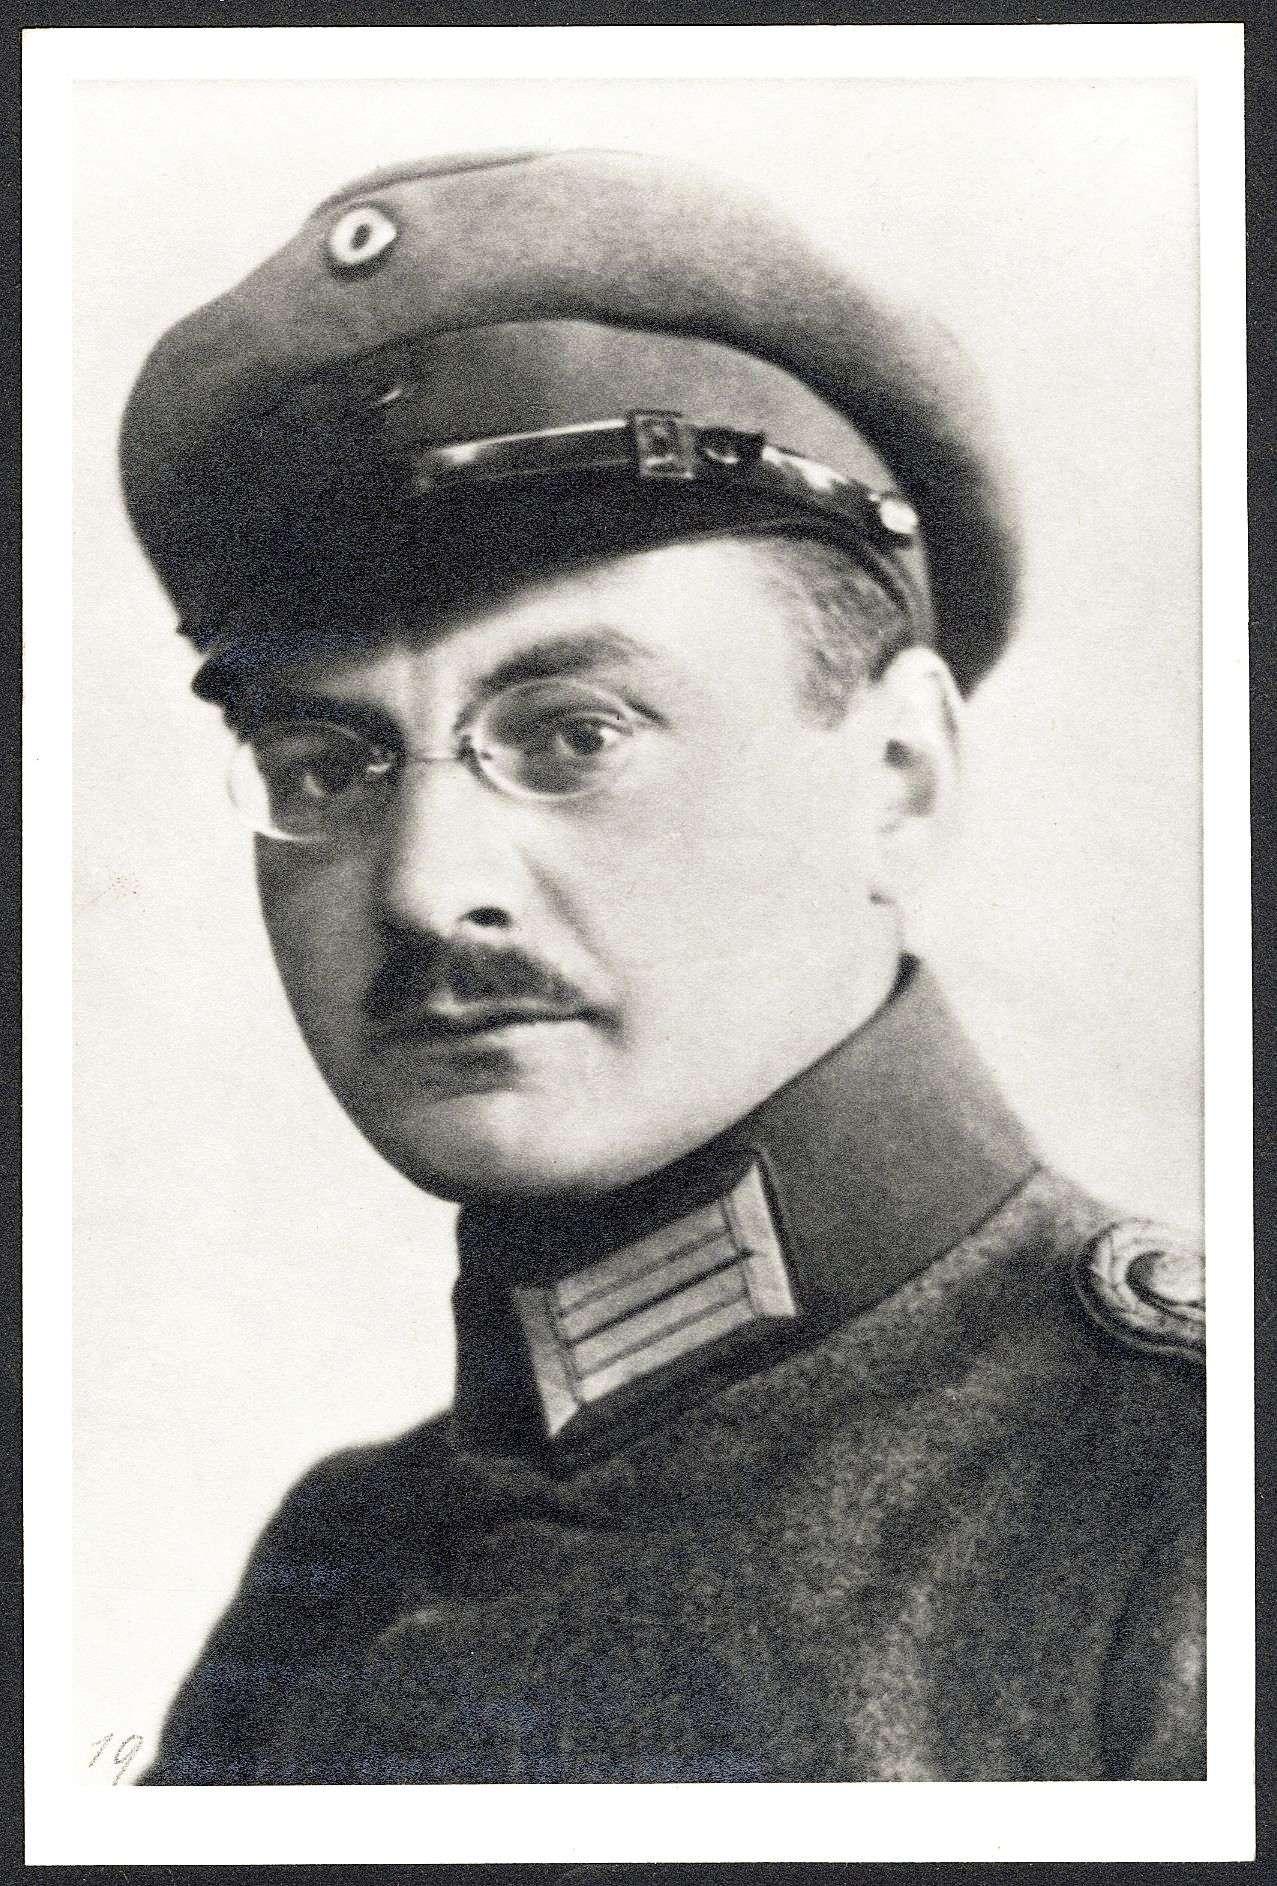 Kaiser, Manfred, Dr., Bild 1